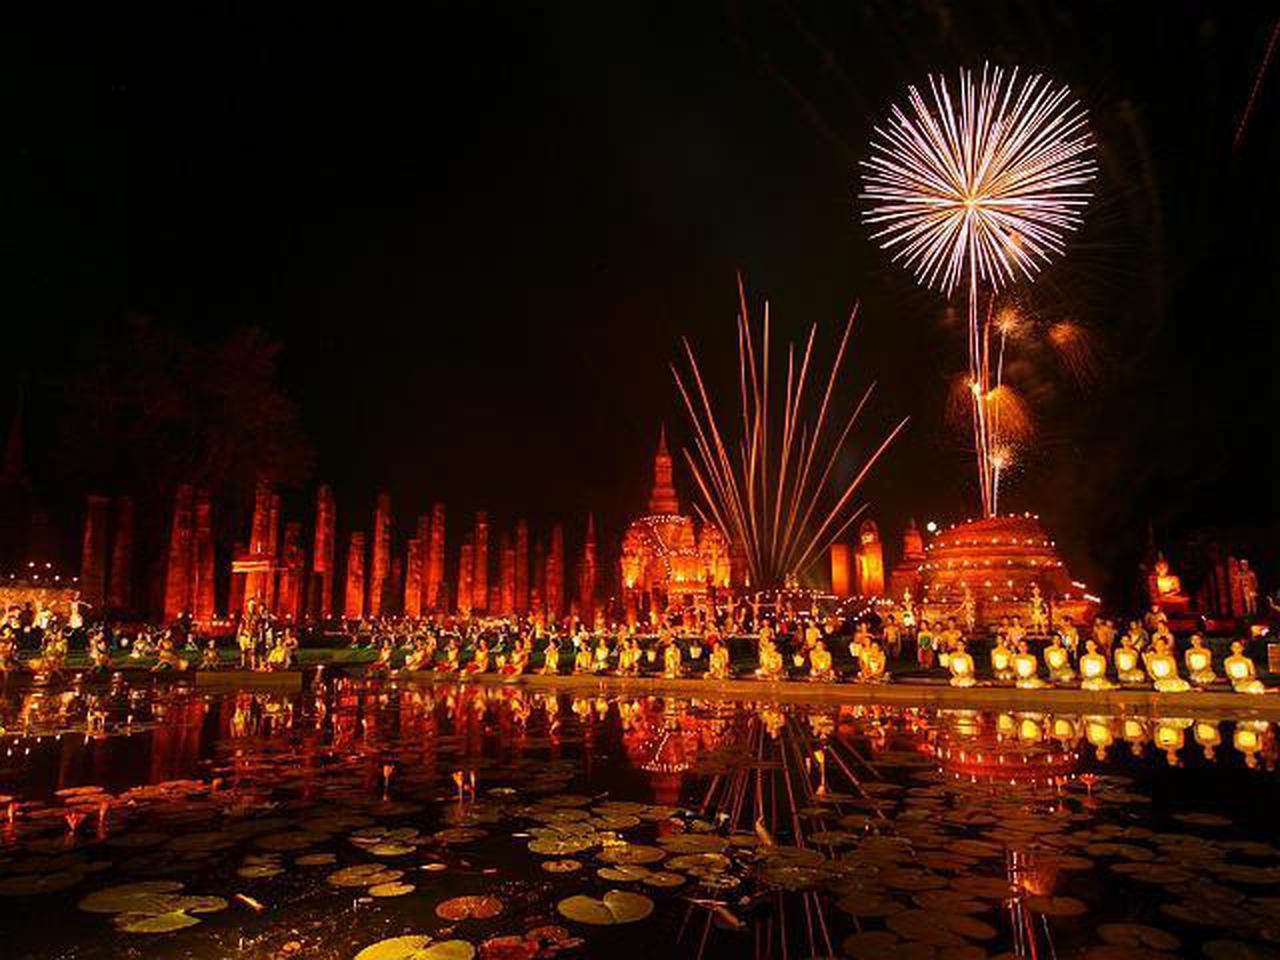 画像: 【タイ】北部おすすめ観光地のご紹介~チェンマイ・チェンライなど~ - クラブログ ~スタッフブログ~ クラブツーリズム